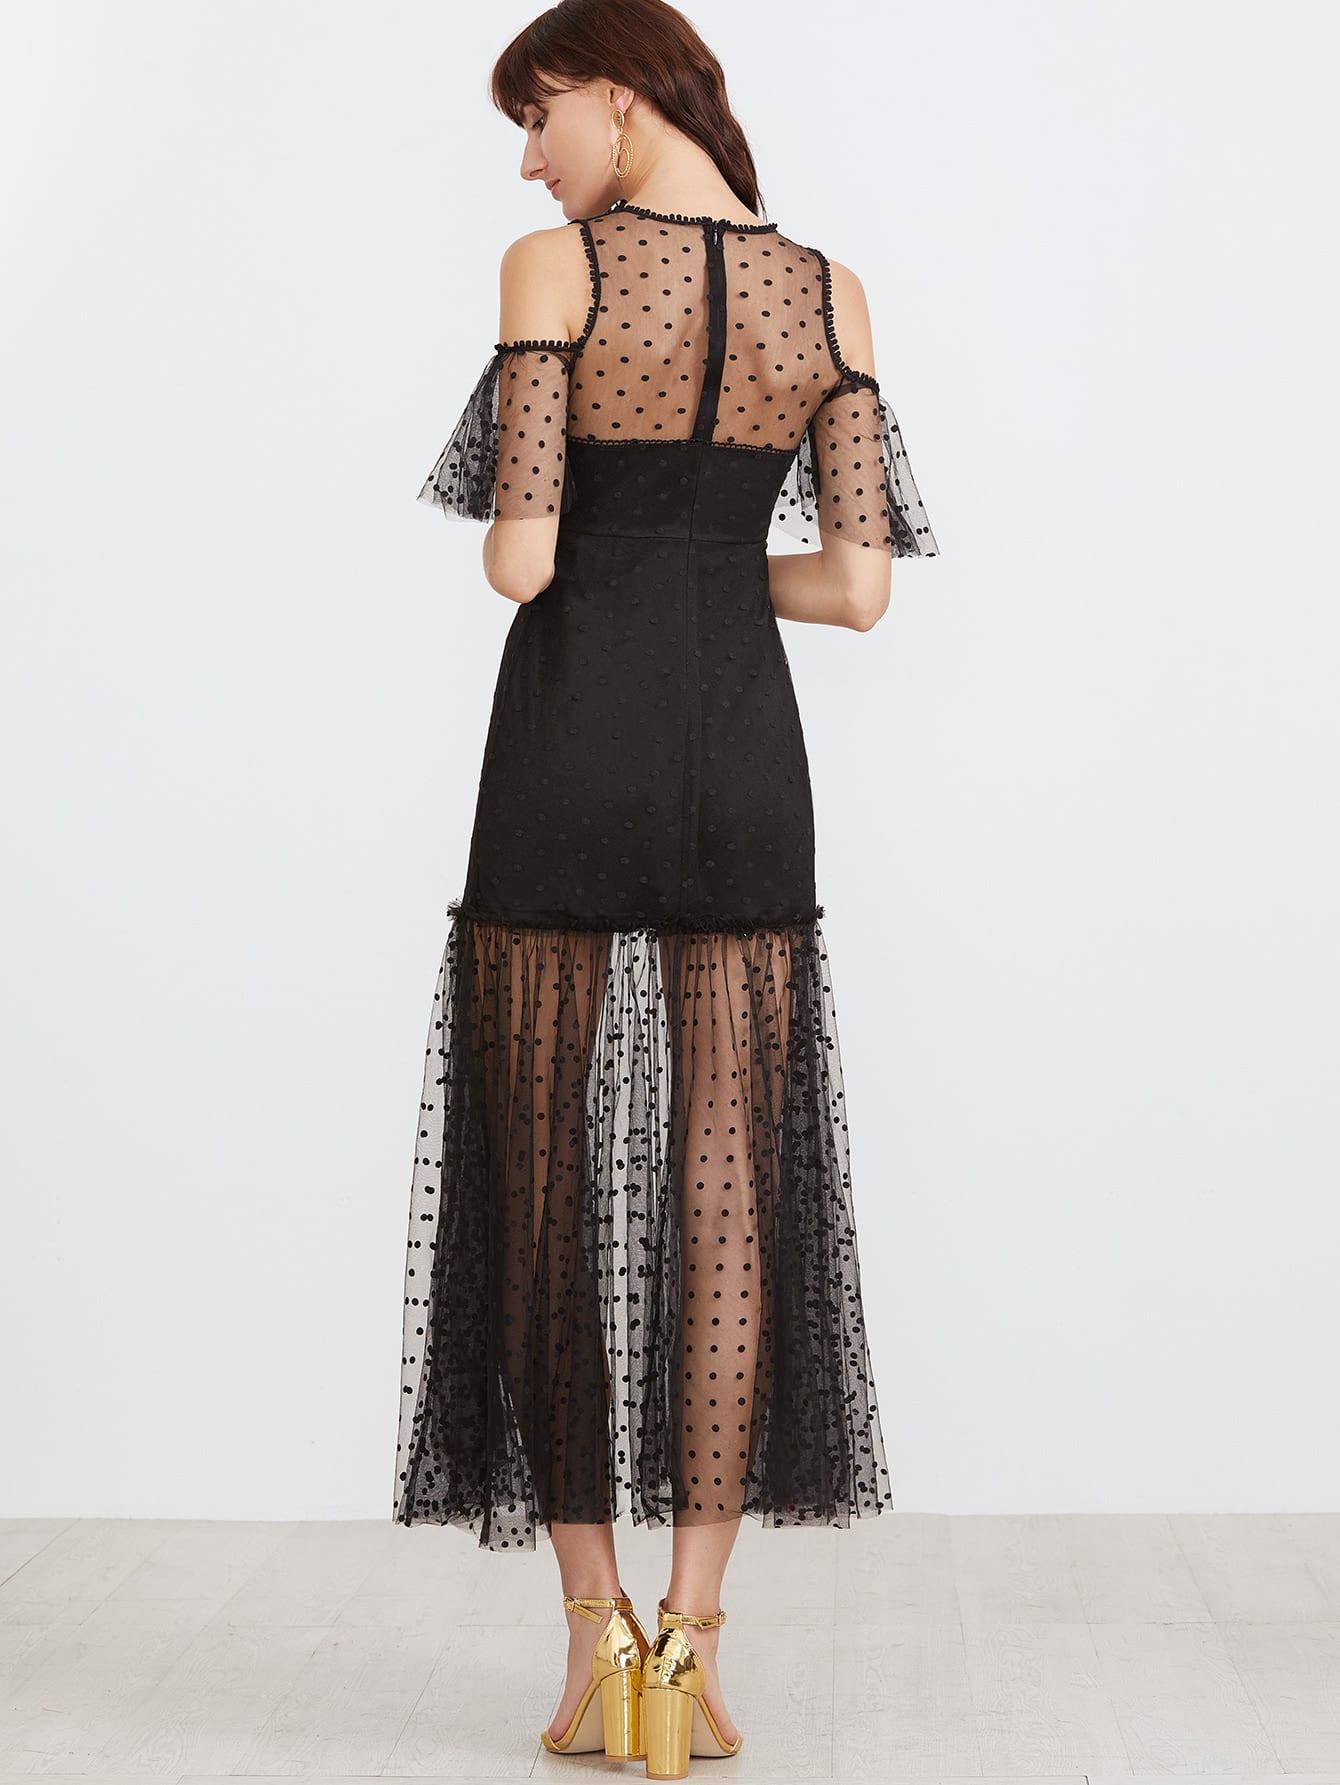 dress161215705_2